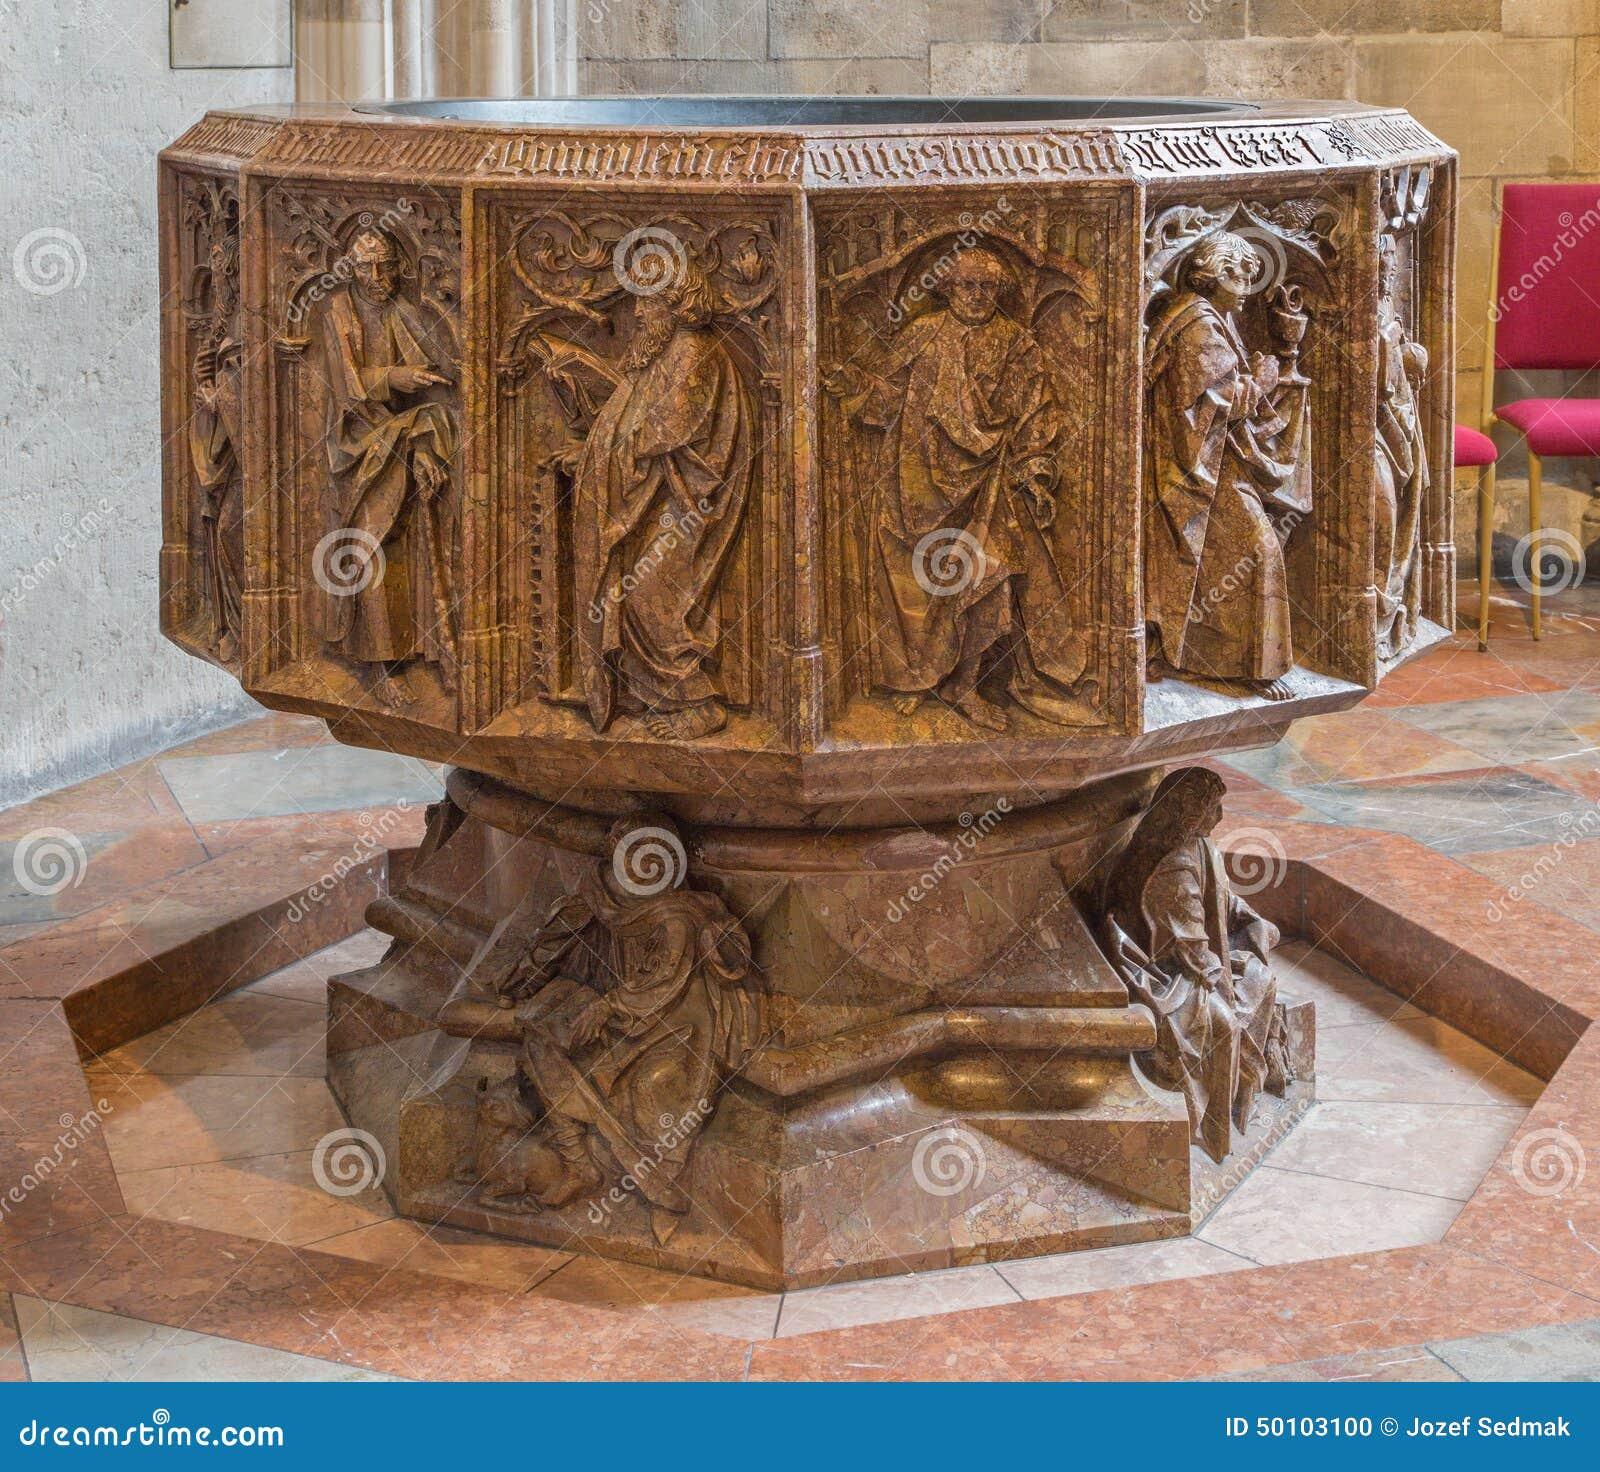 Wien - untererer Teil des gotischen Marmorbaptistery St. Stephens von Kathedrale oder von Stephansdom in Kapelle St. Katherine